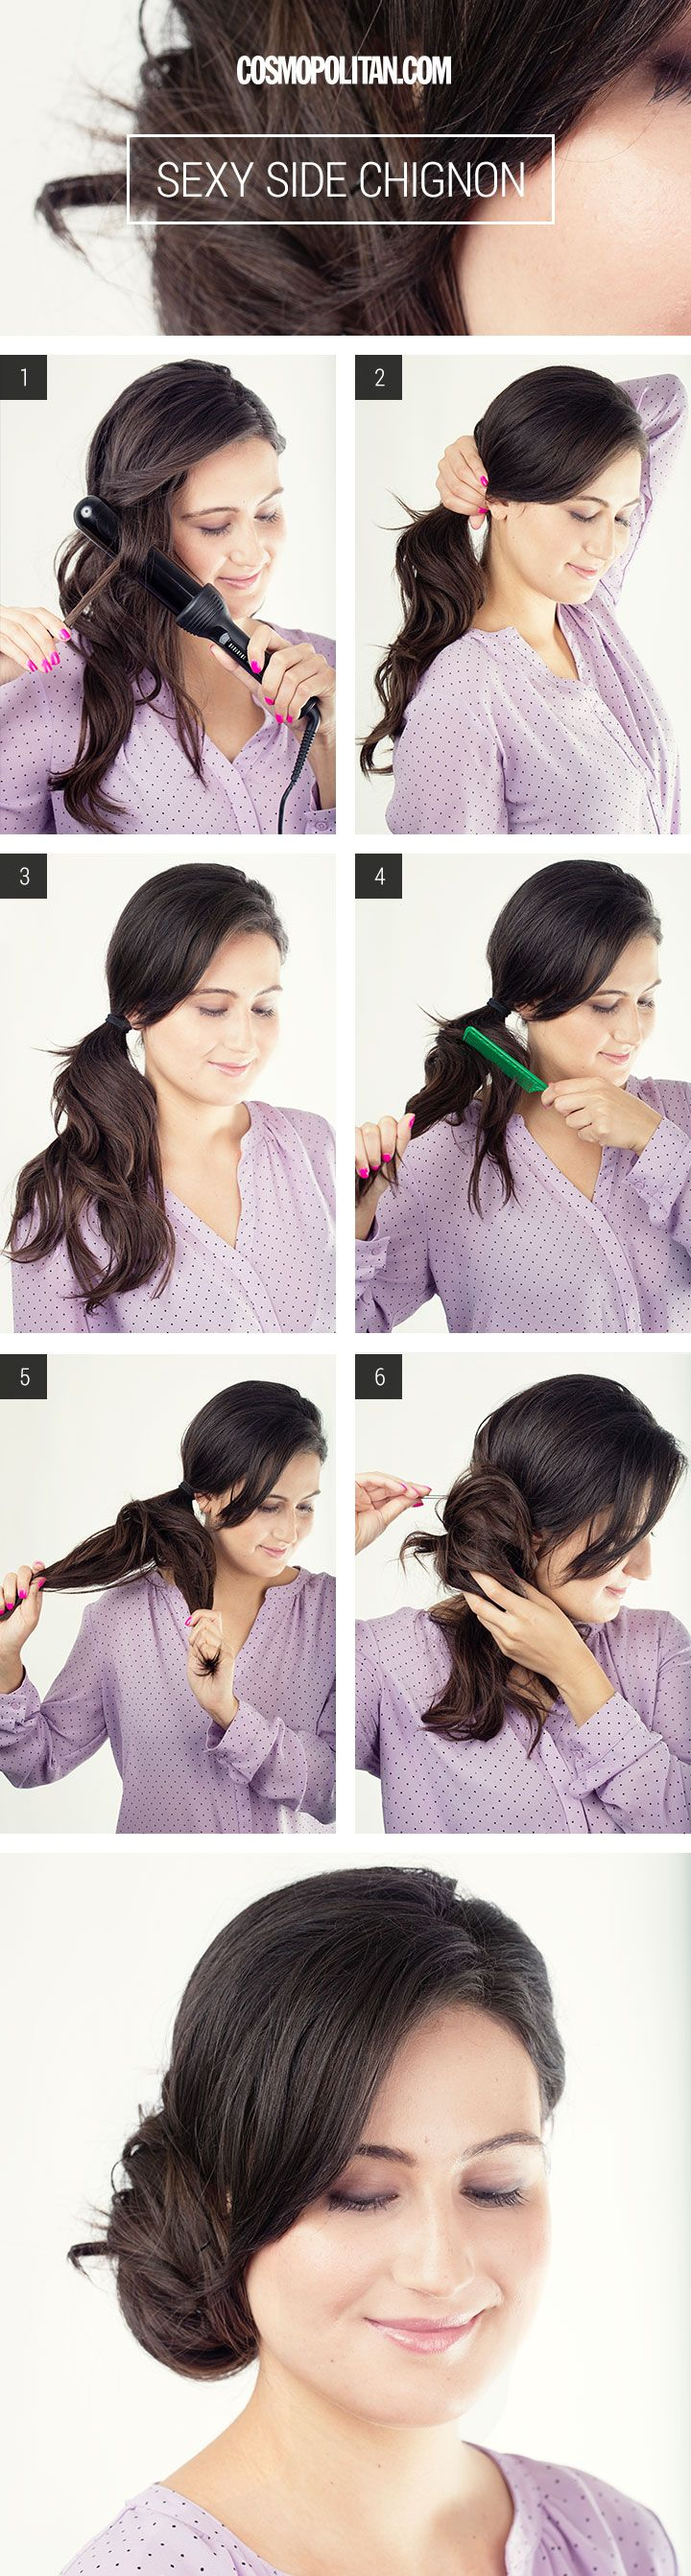 Peinados updo barrer sexy sofisticado